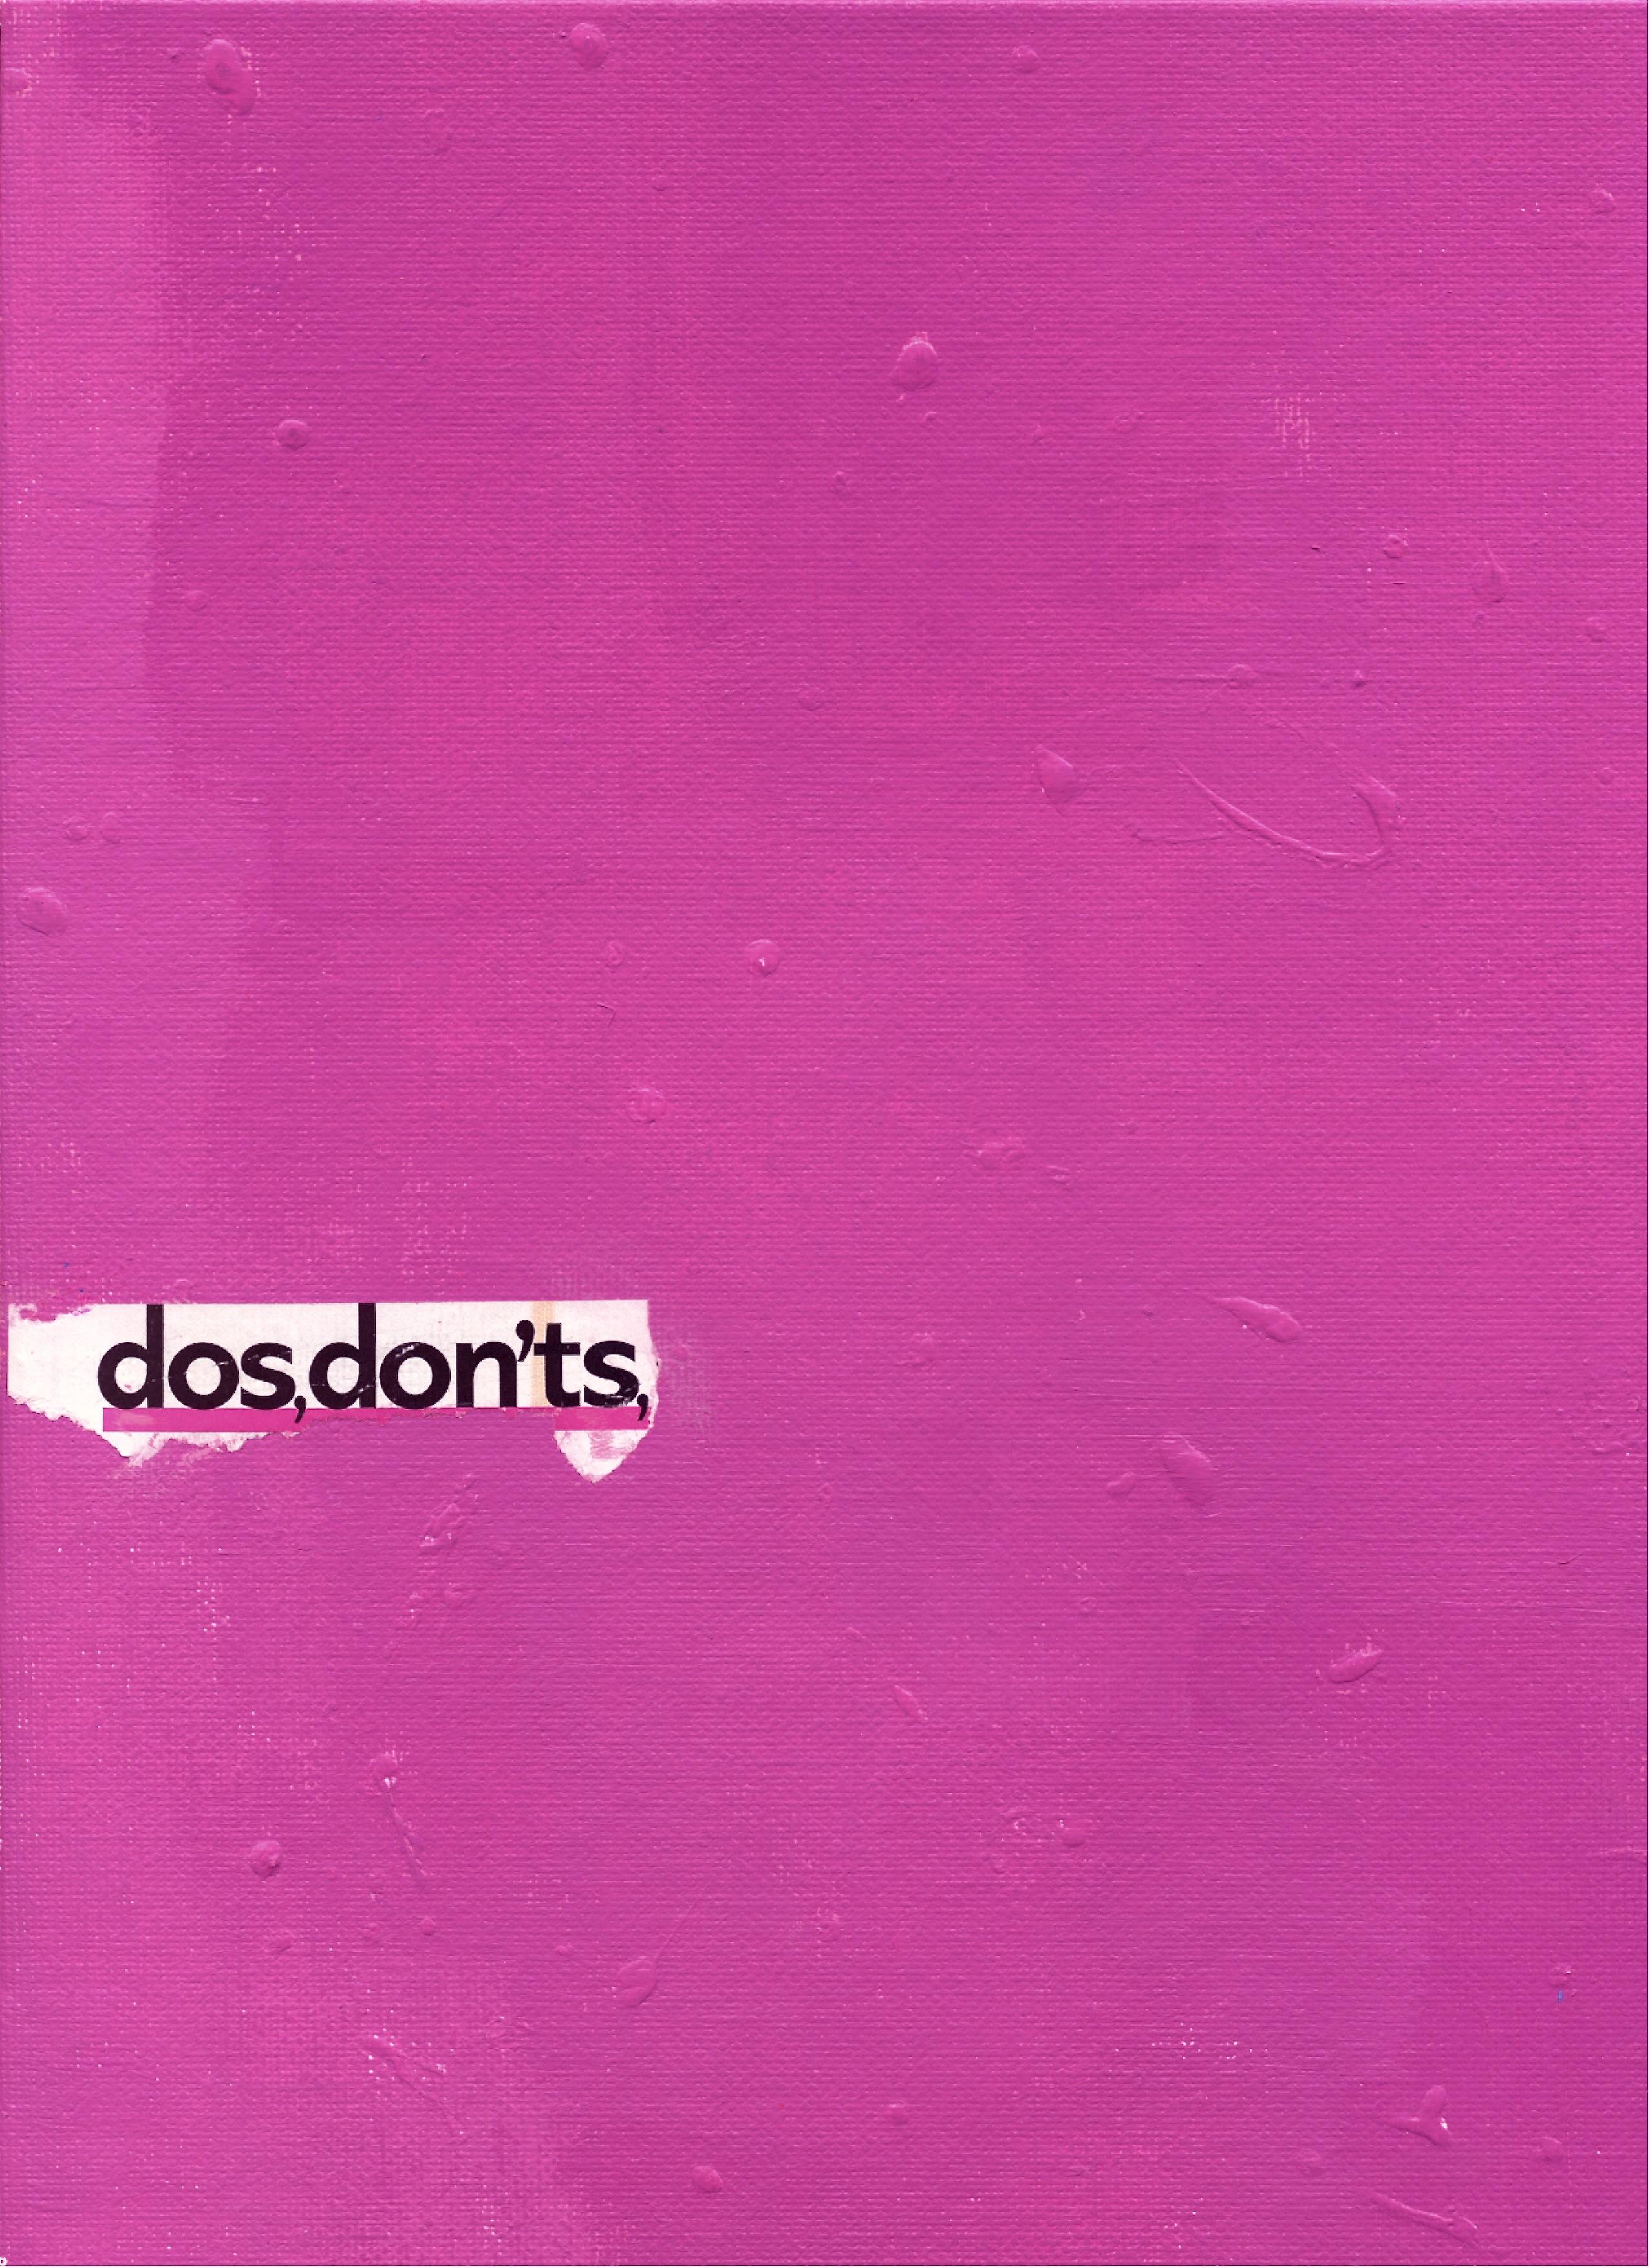 dos, don'ts, 2005